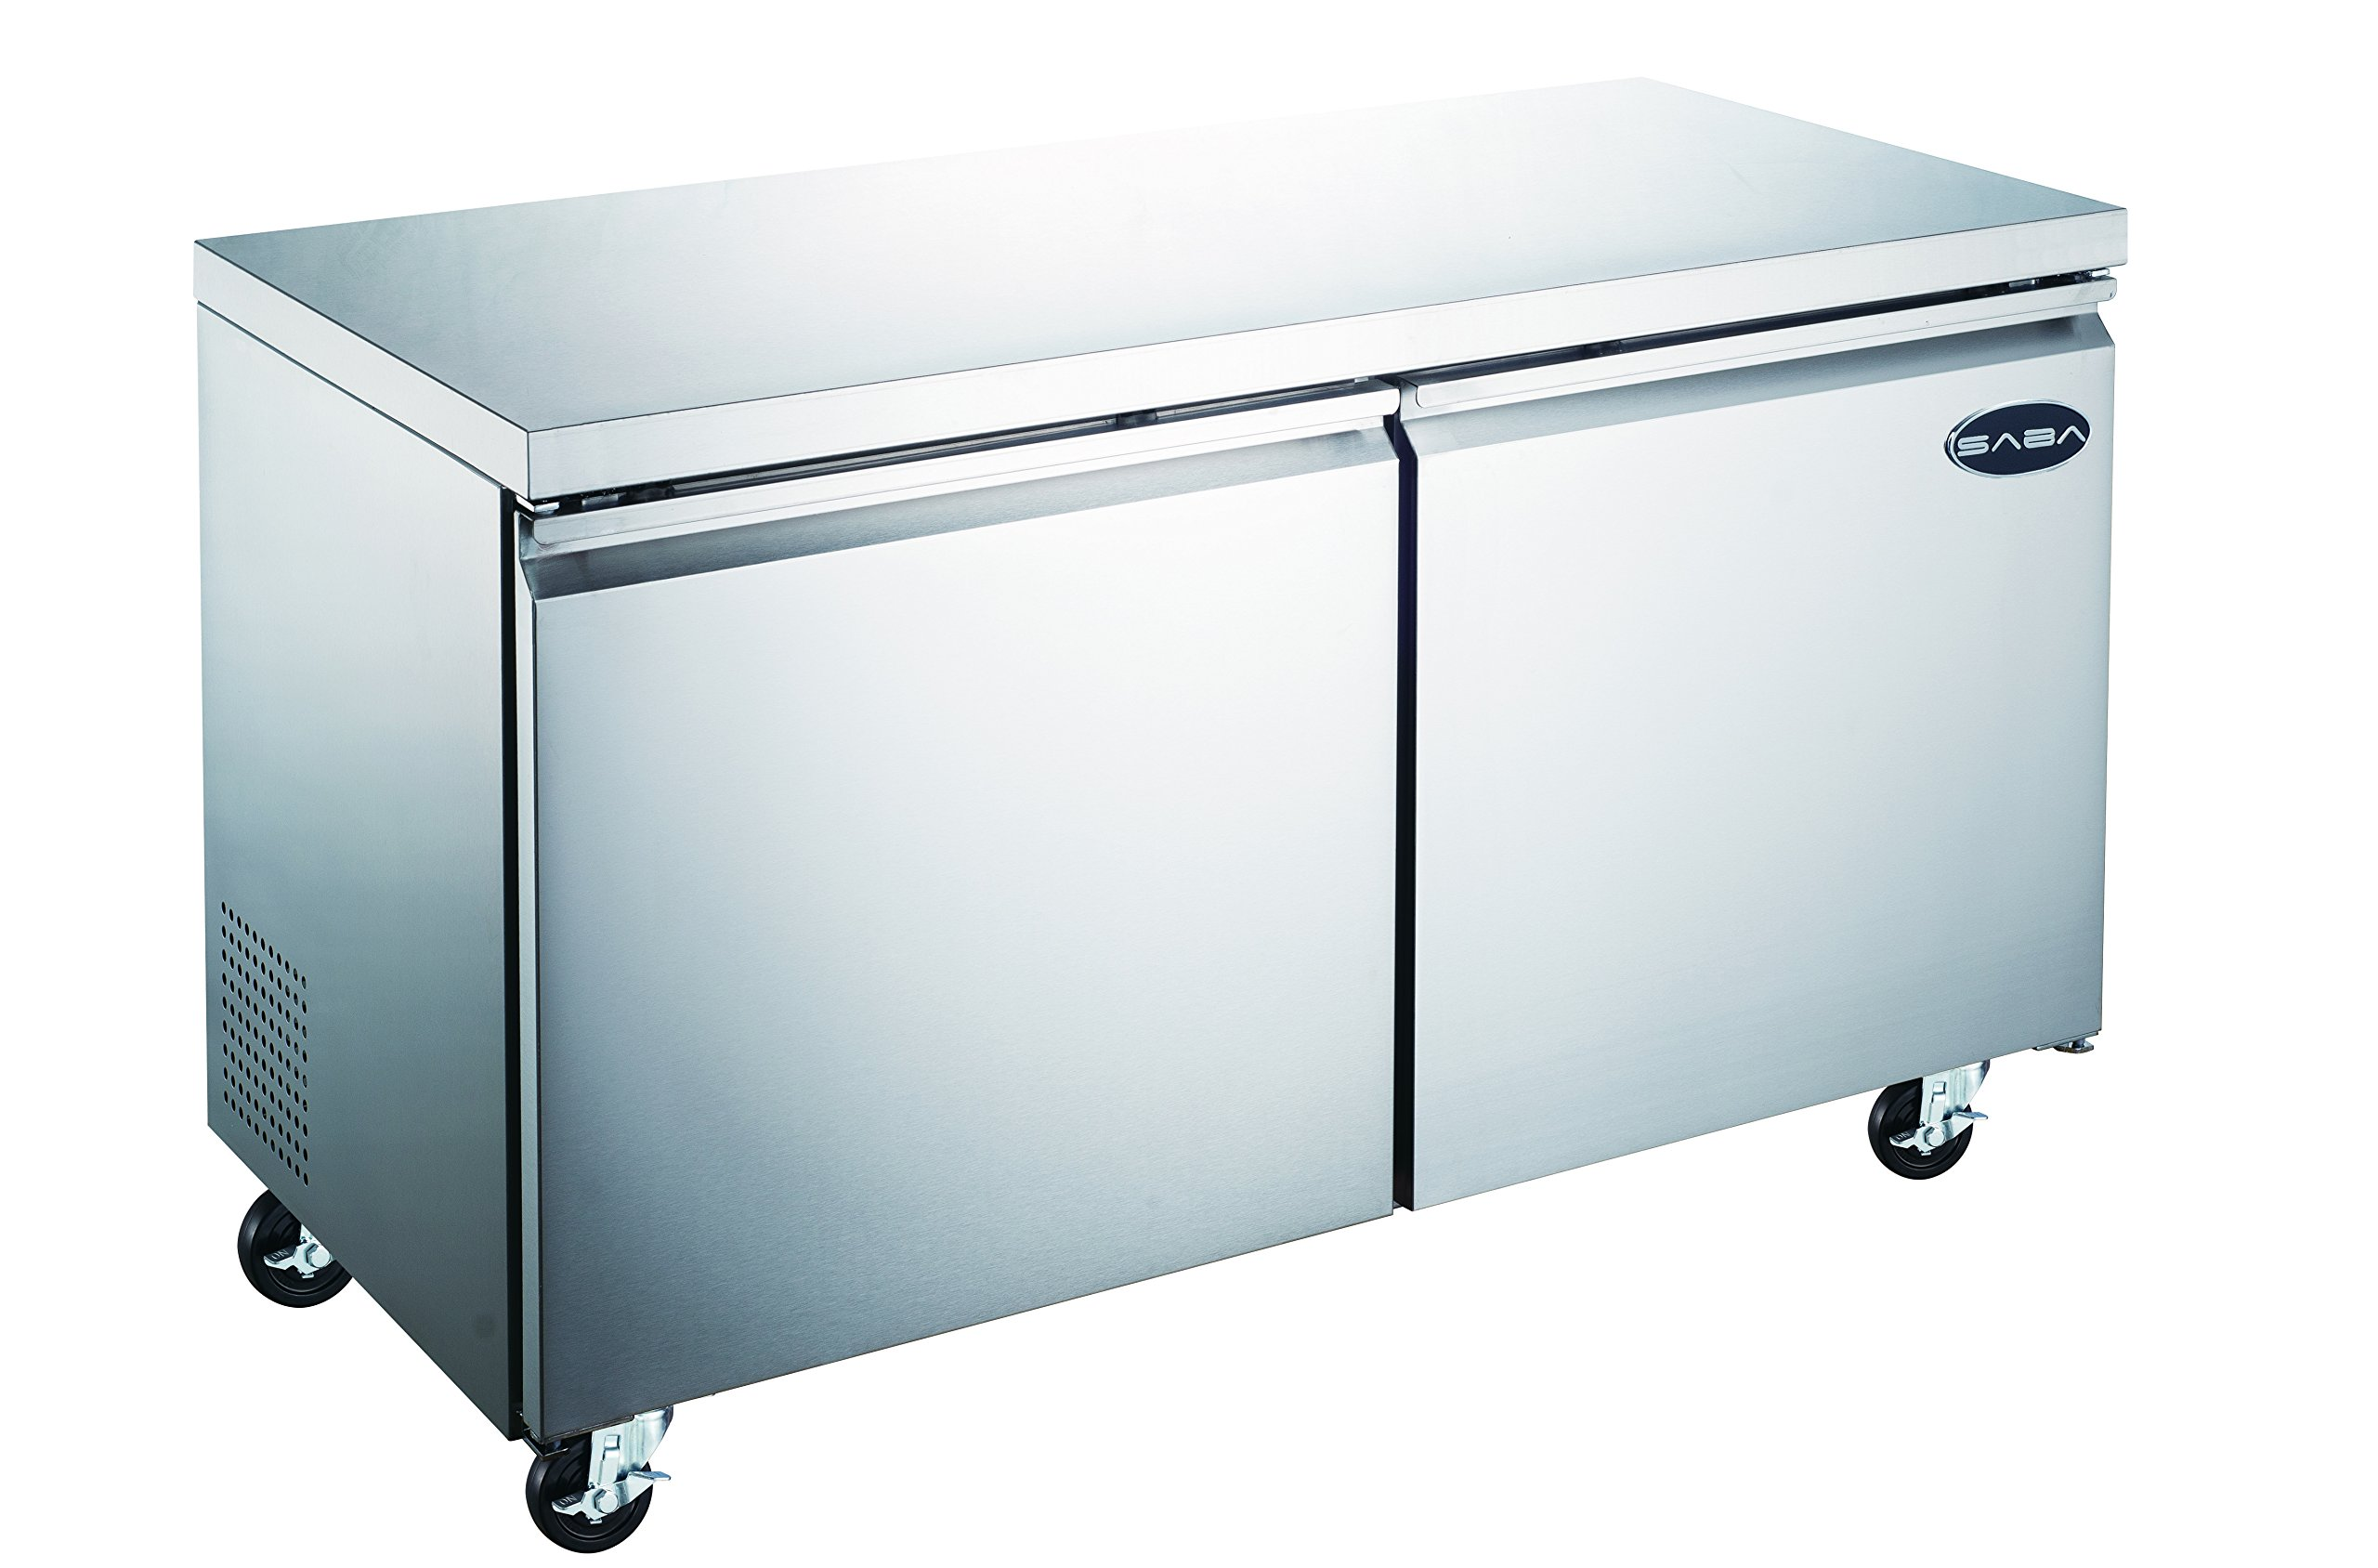 SABA 48'' Undercounter Refrigerator, 2 Door, Stainless Steel